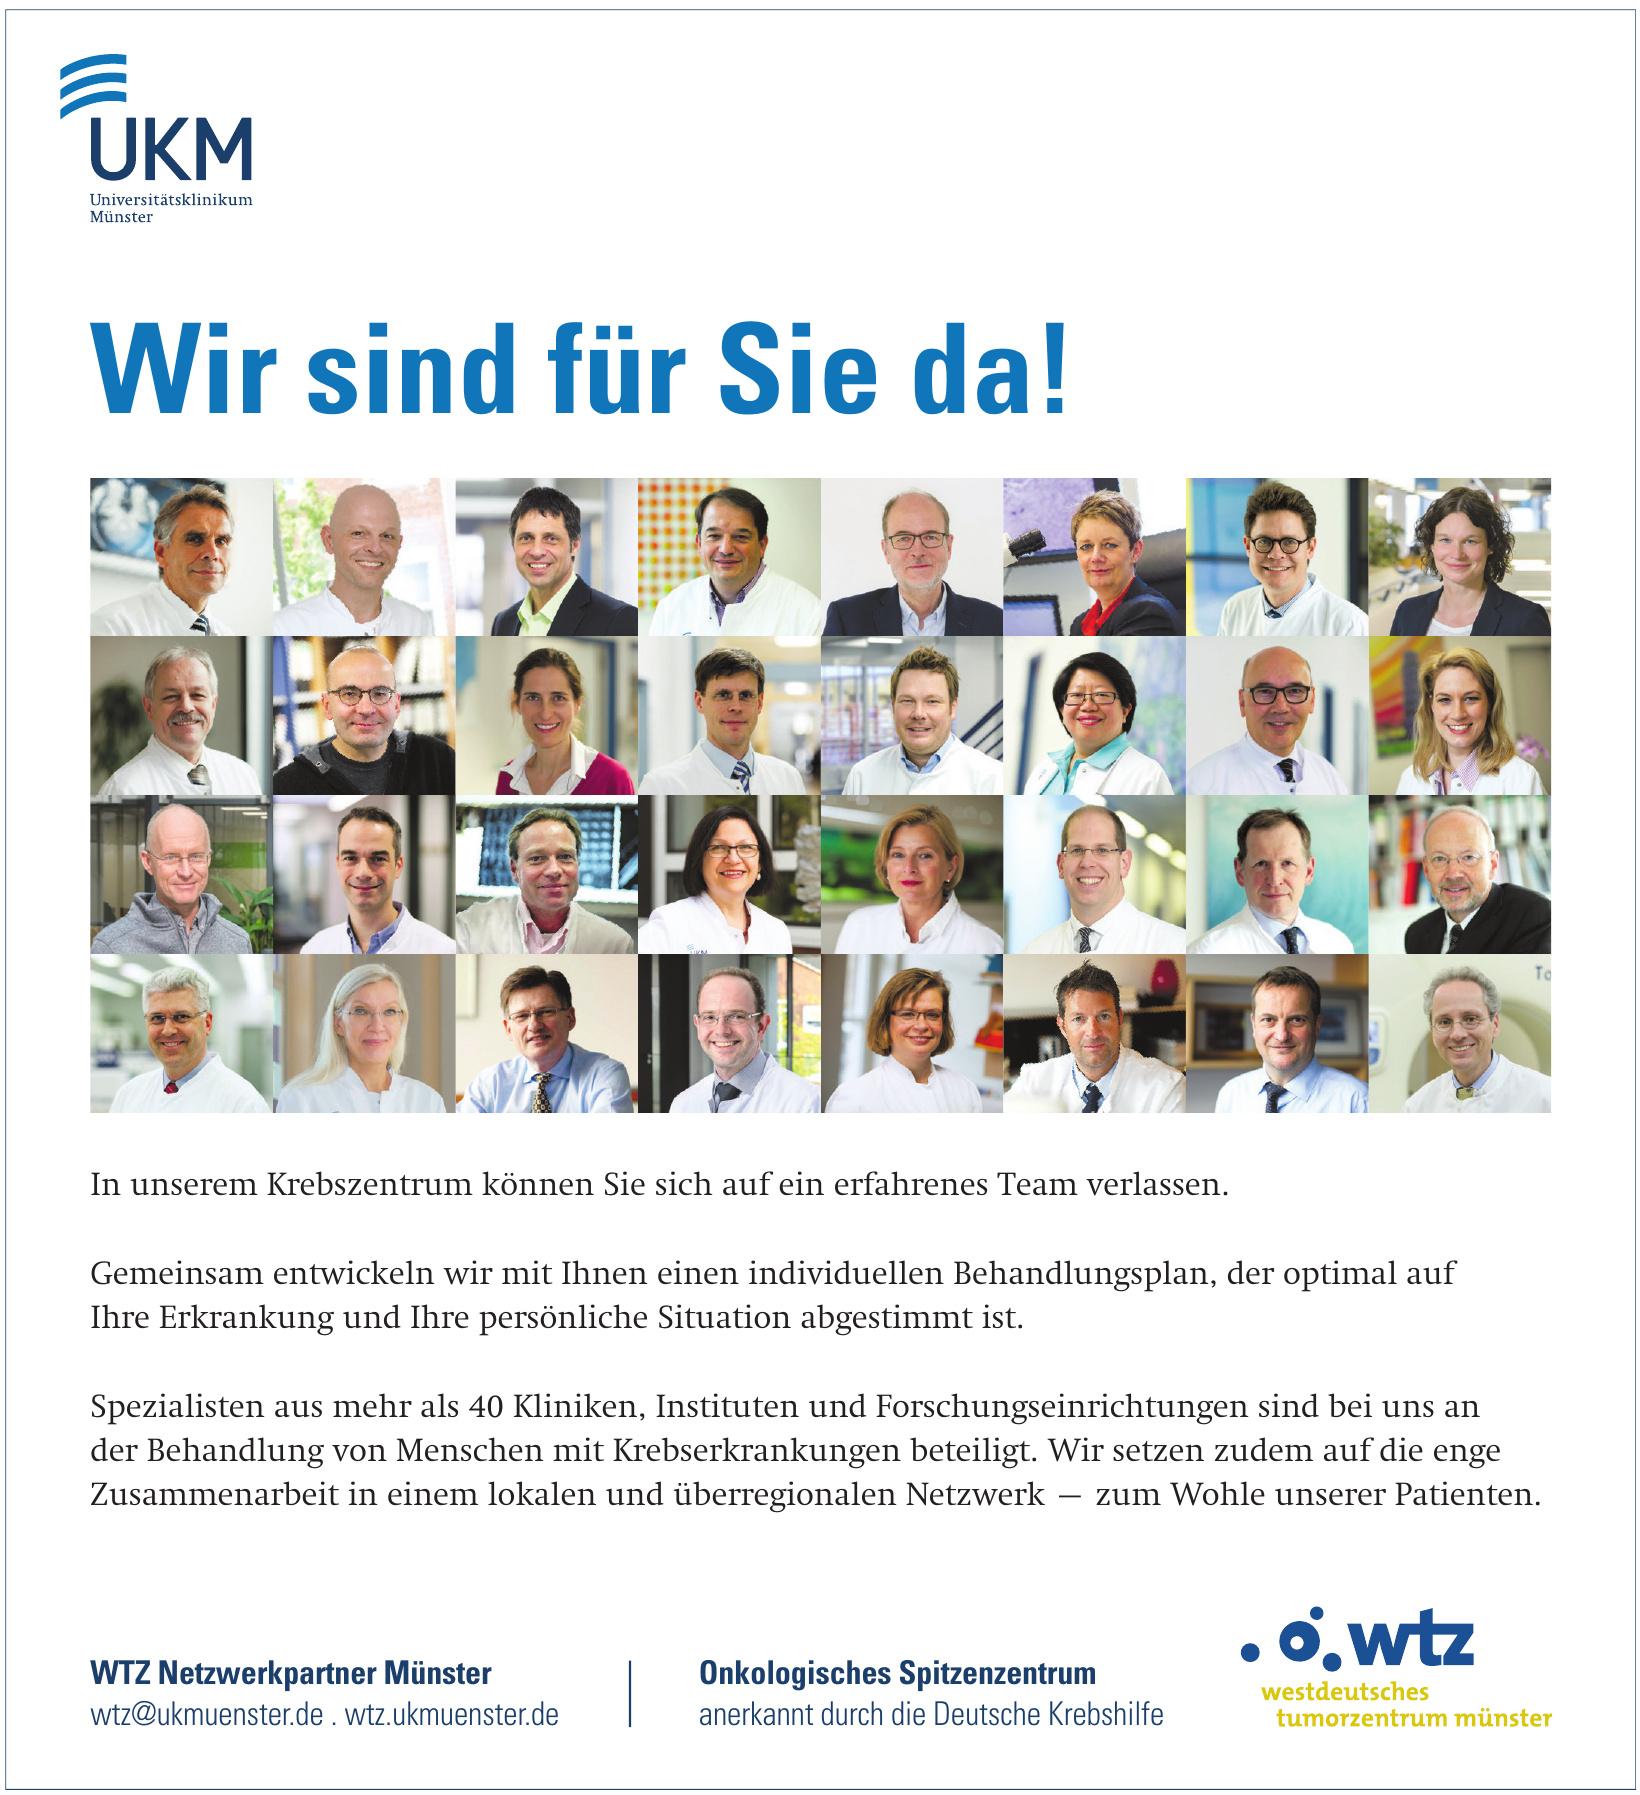 WTZ Netzwerkpartner Münster - Onkologisches Spitzenzentrum